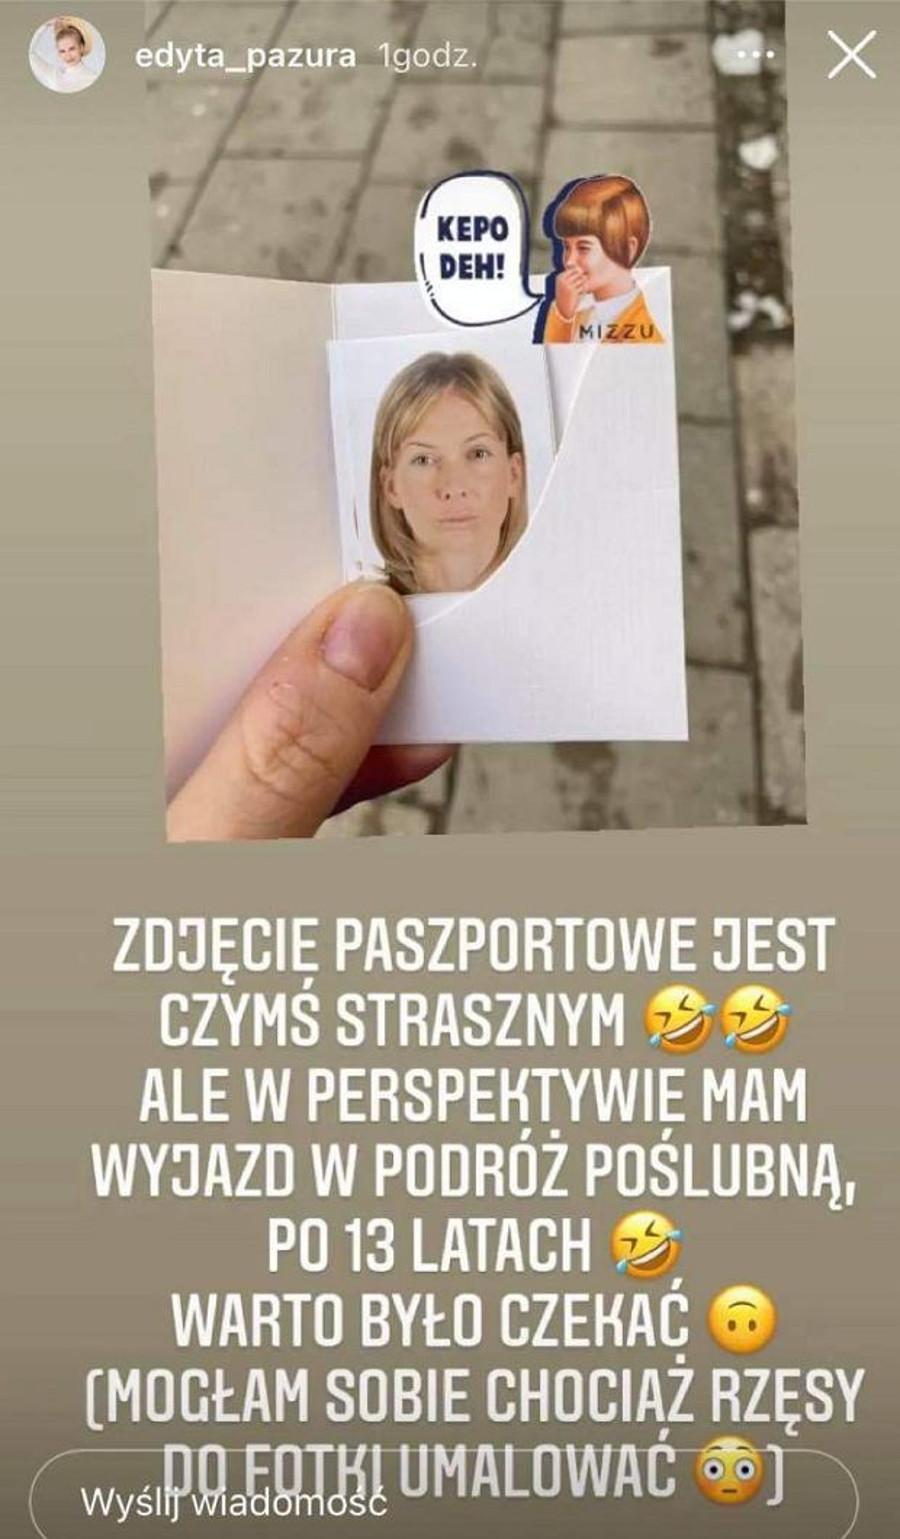 Edyta Pazura pokazała zdjęcie paszportu.